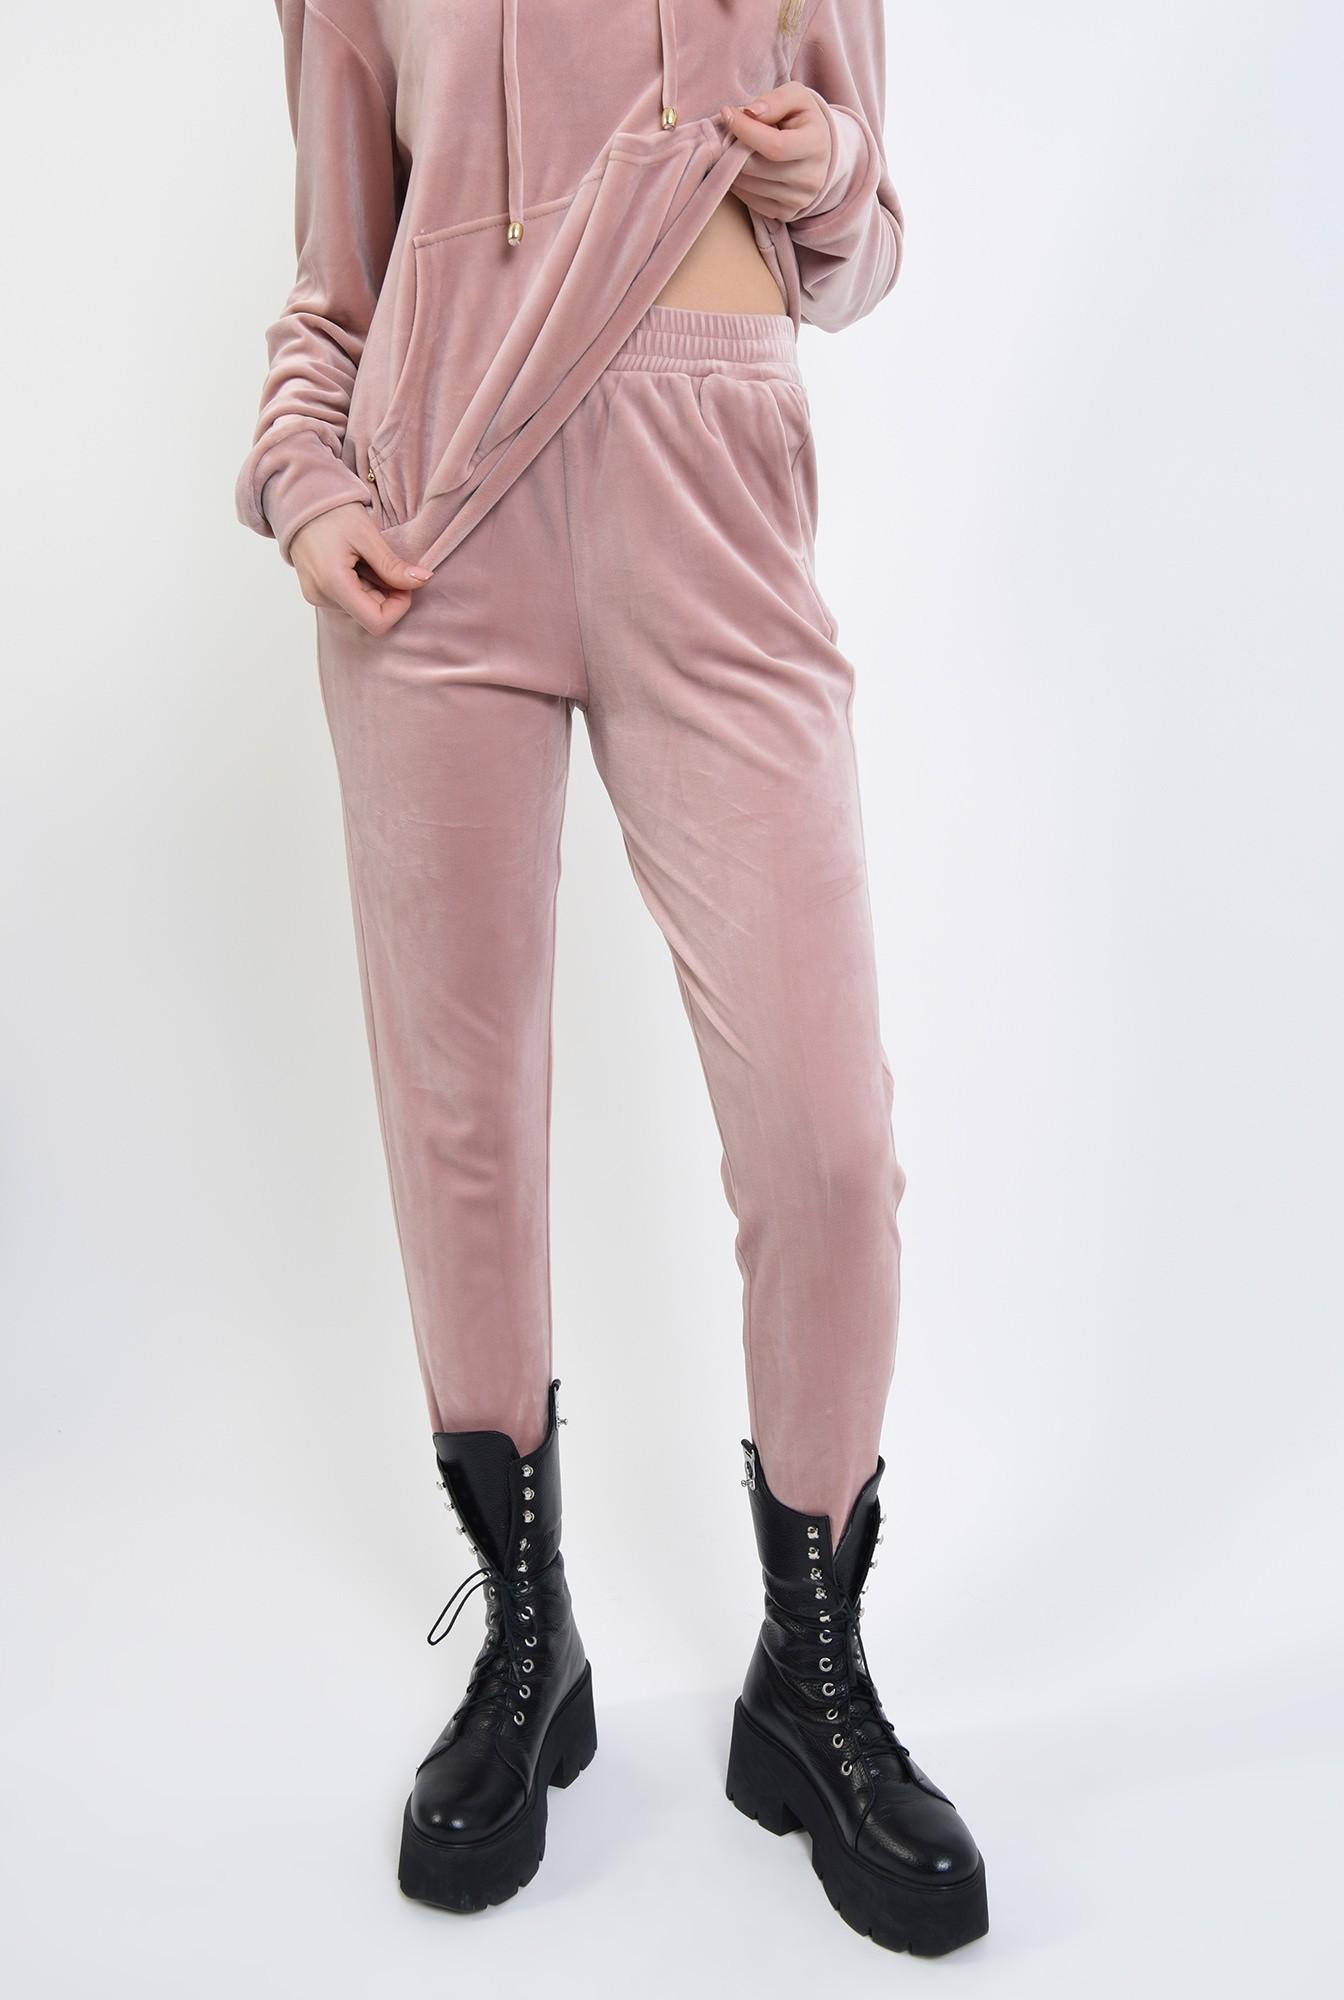 3 - 360 - pantaloni roz, din catifea, cu buzunare